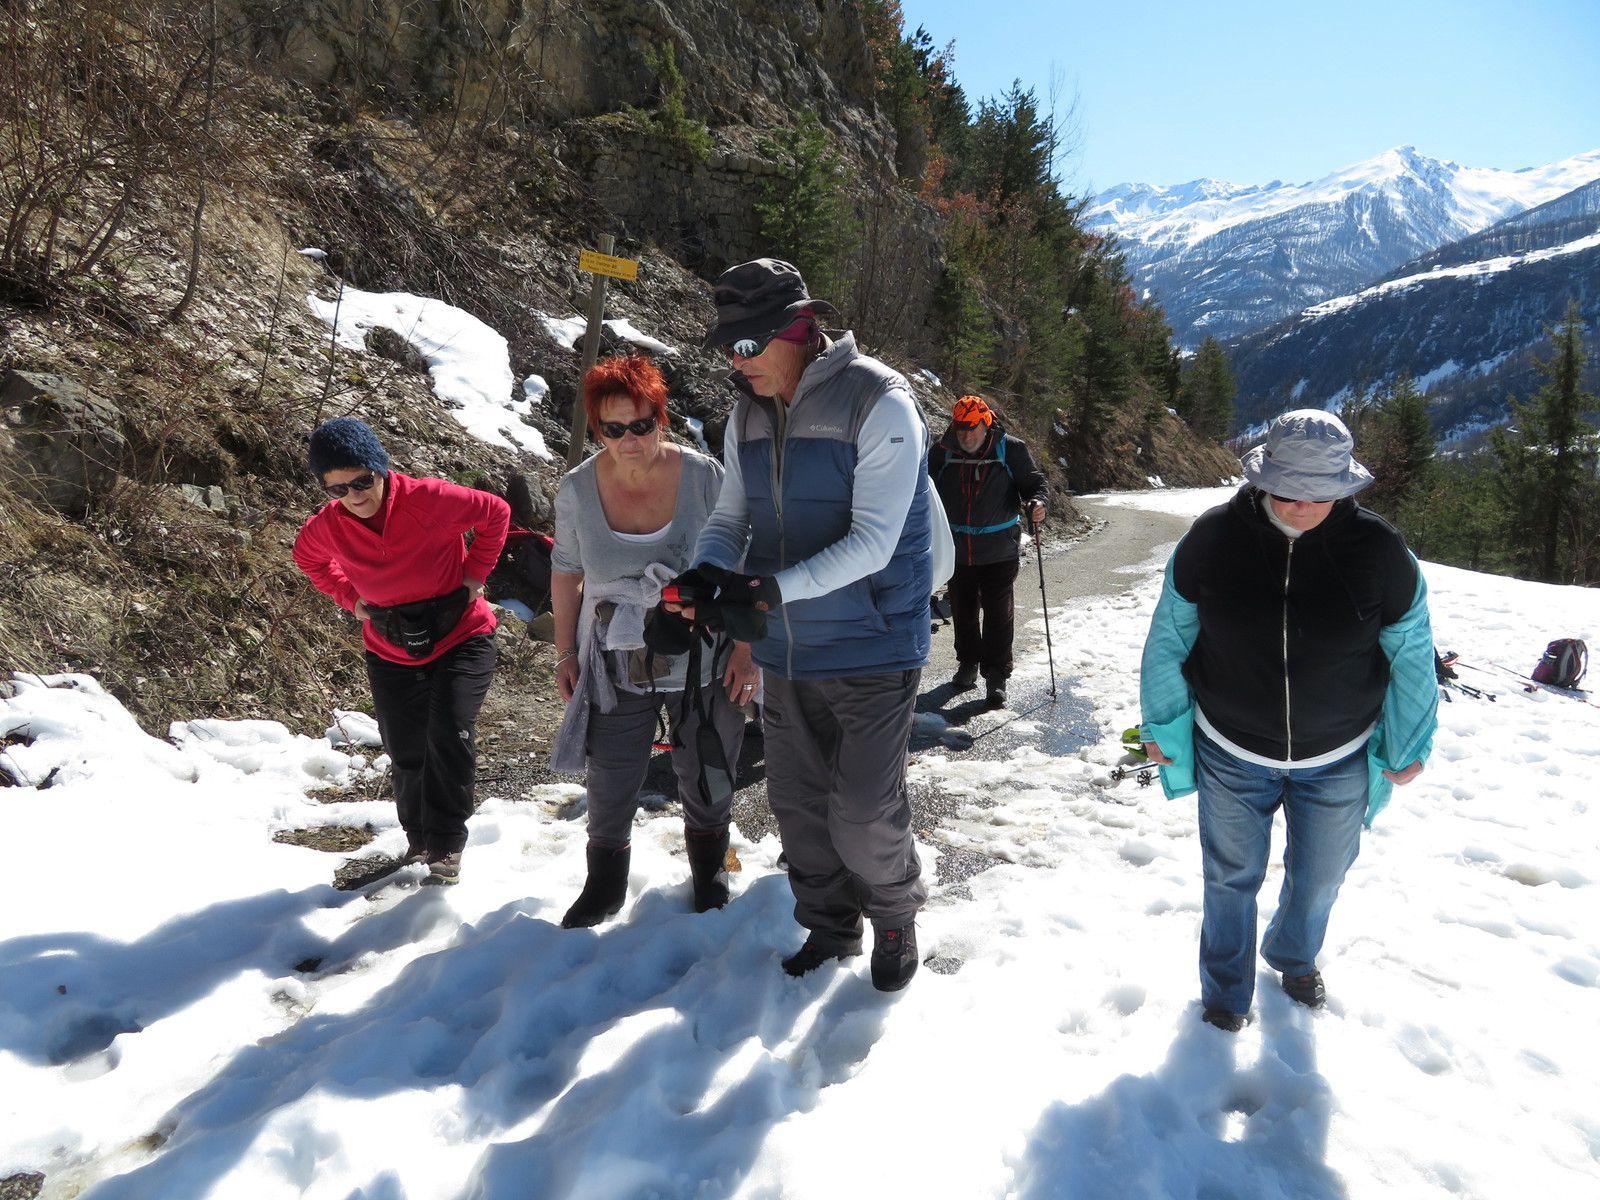 Notre accompagnateur, Jacques nous montre comment rechercher une personne dans la neige avec un DVA. (Photo MF)